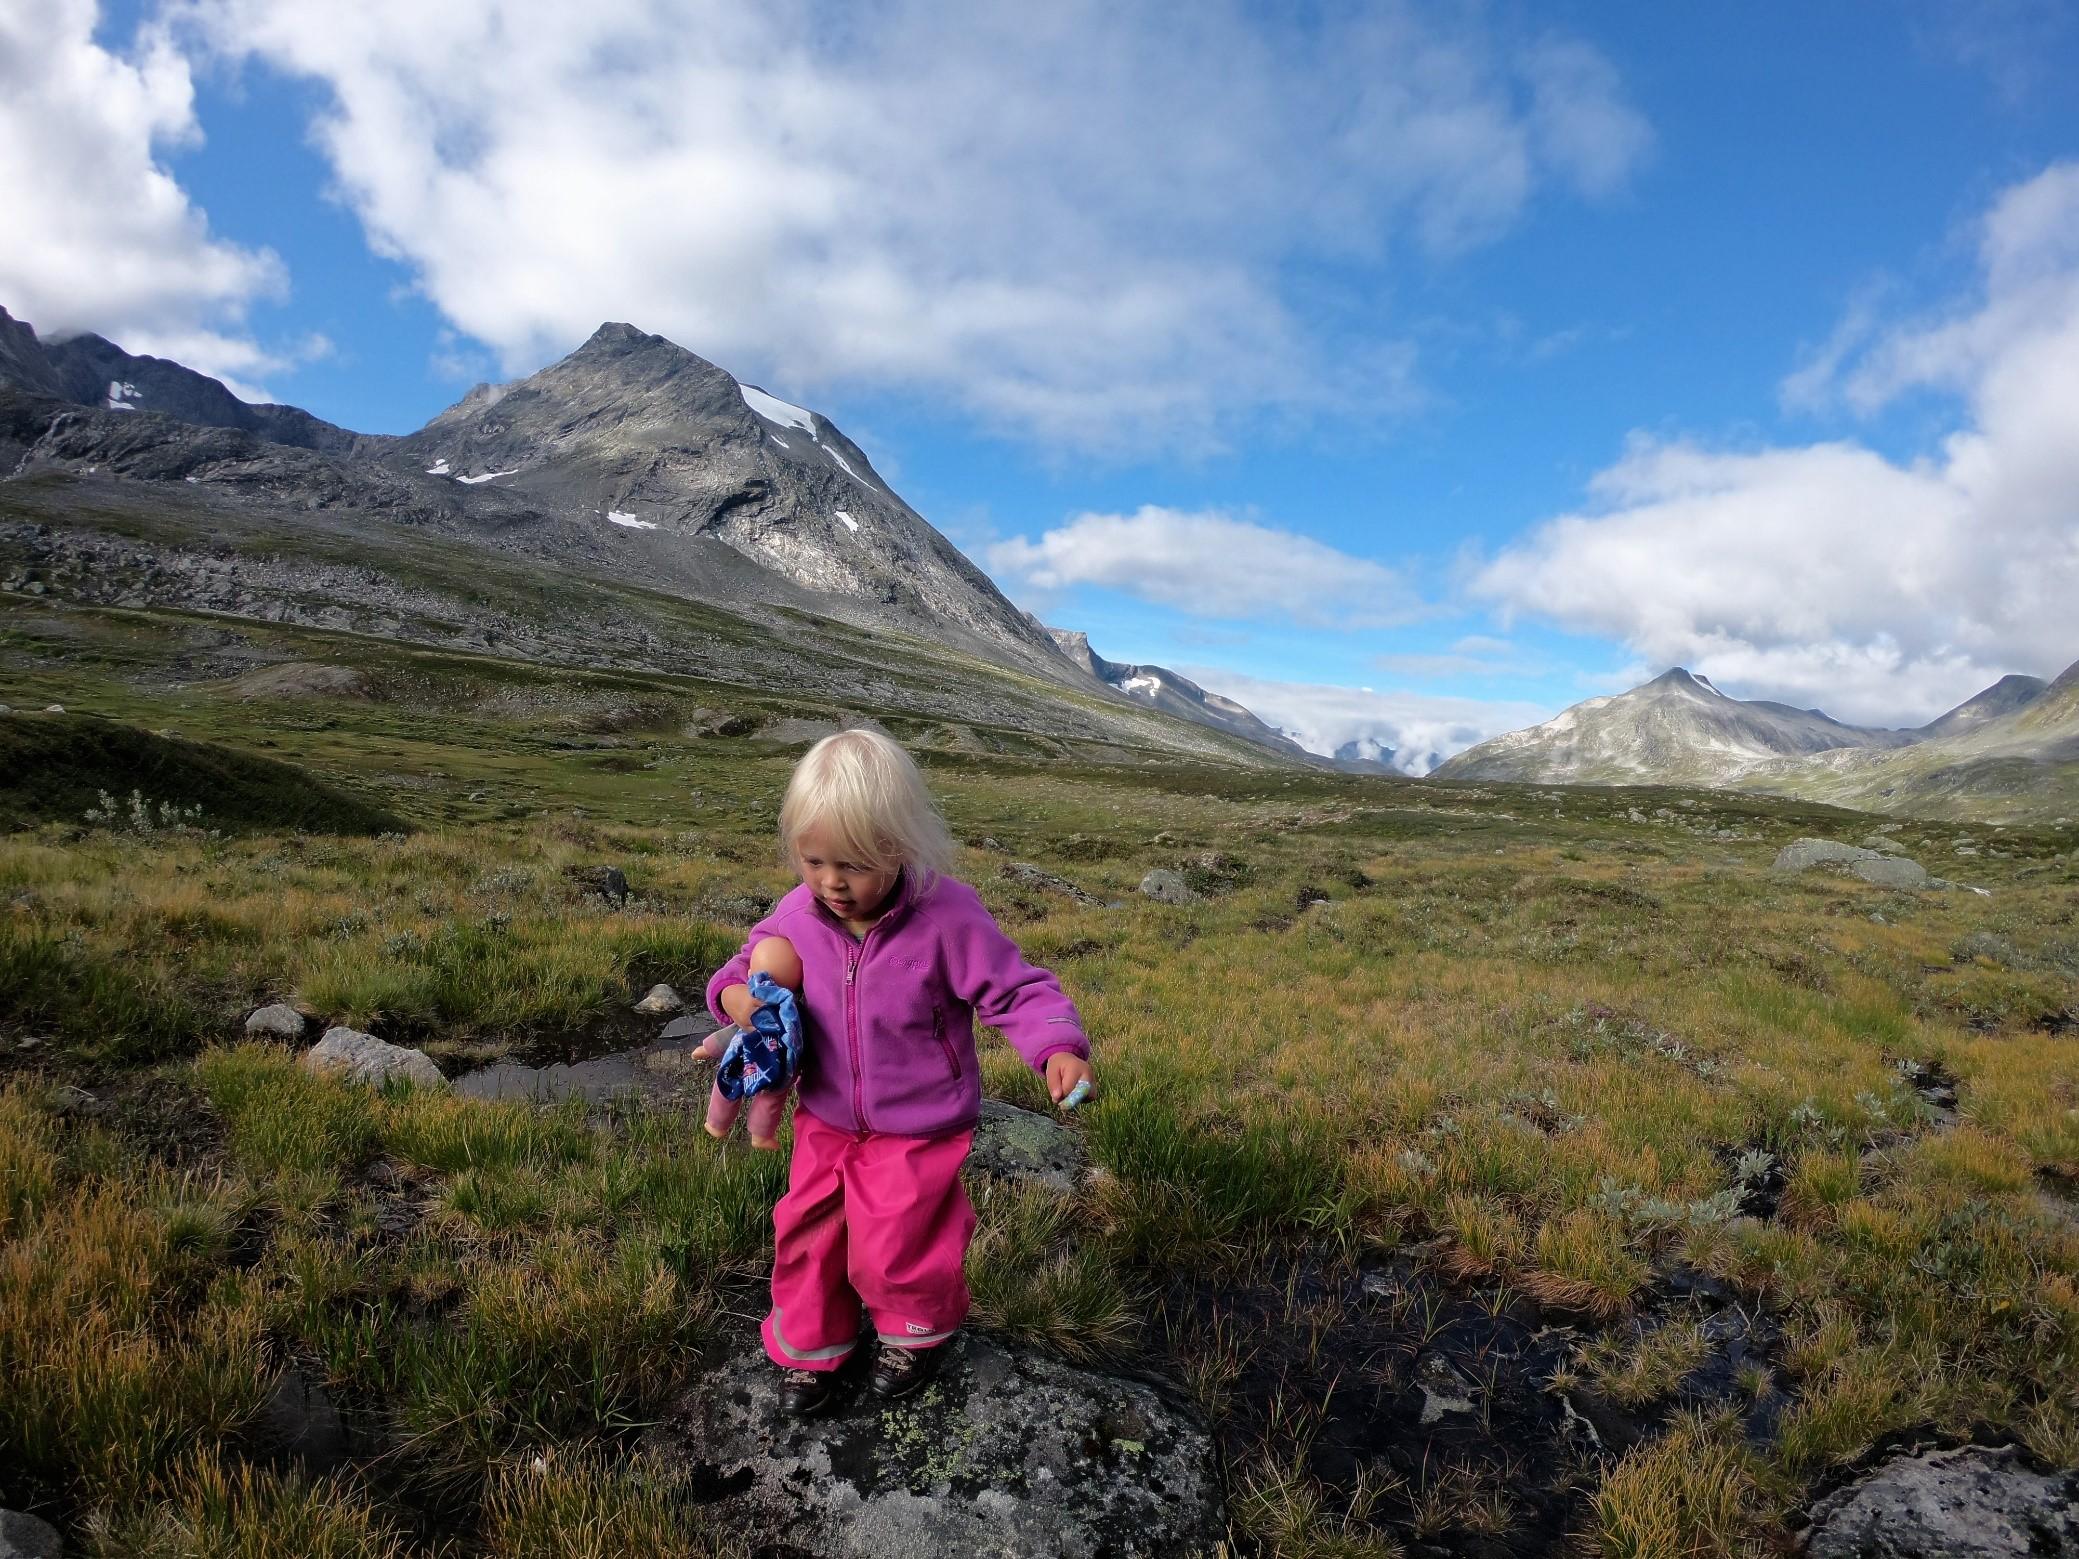 Mina vandrer i fjellet.jpg